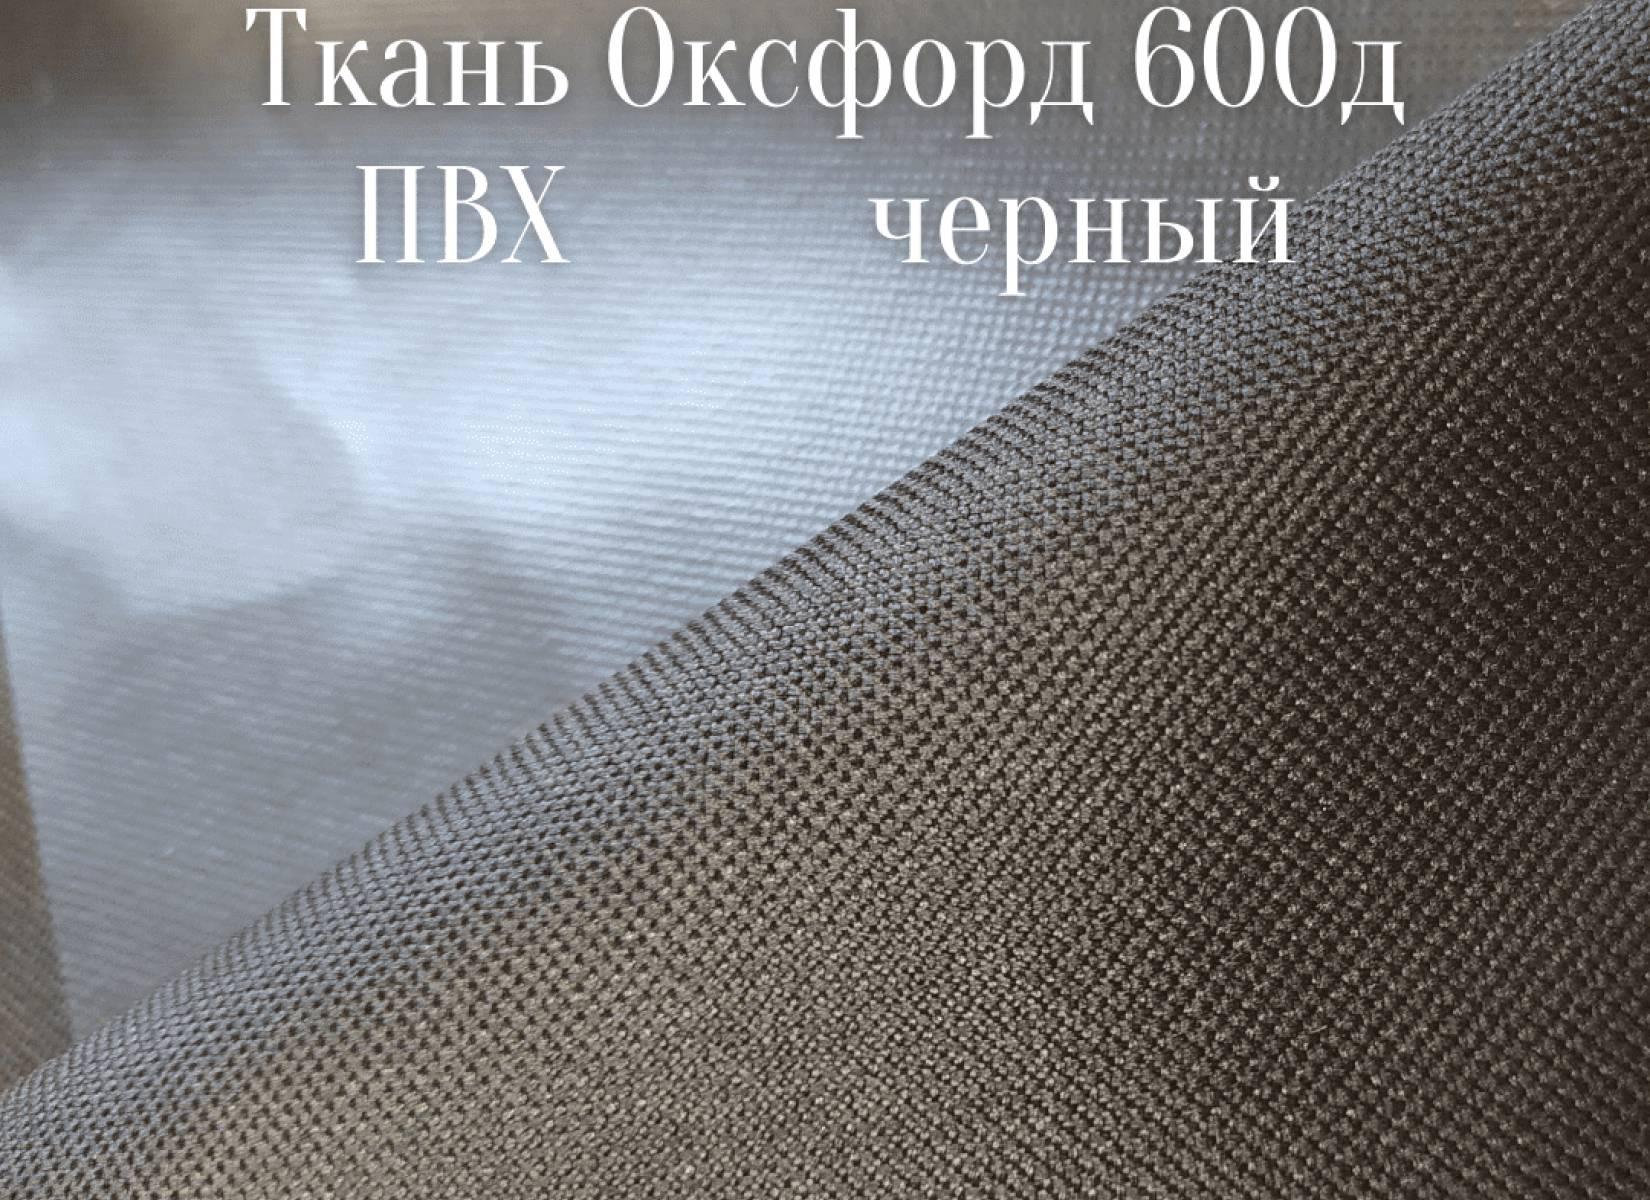 600д ПВХ - черный